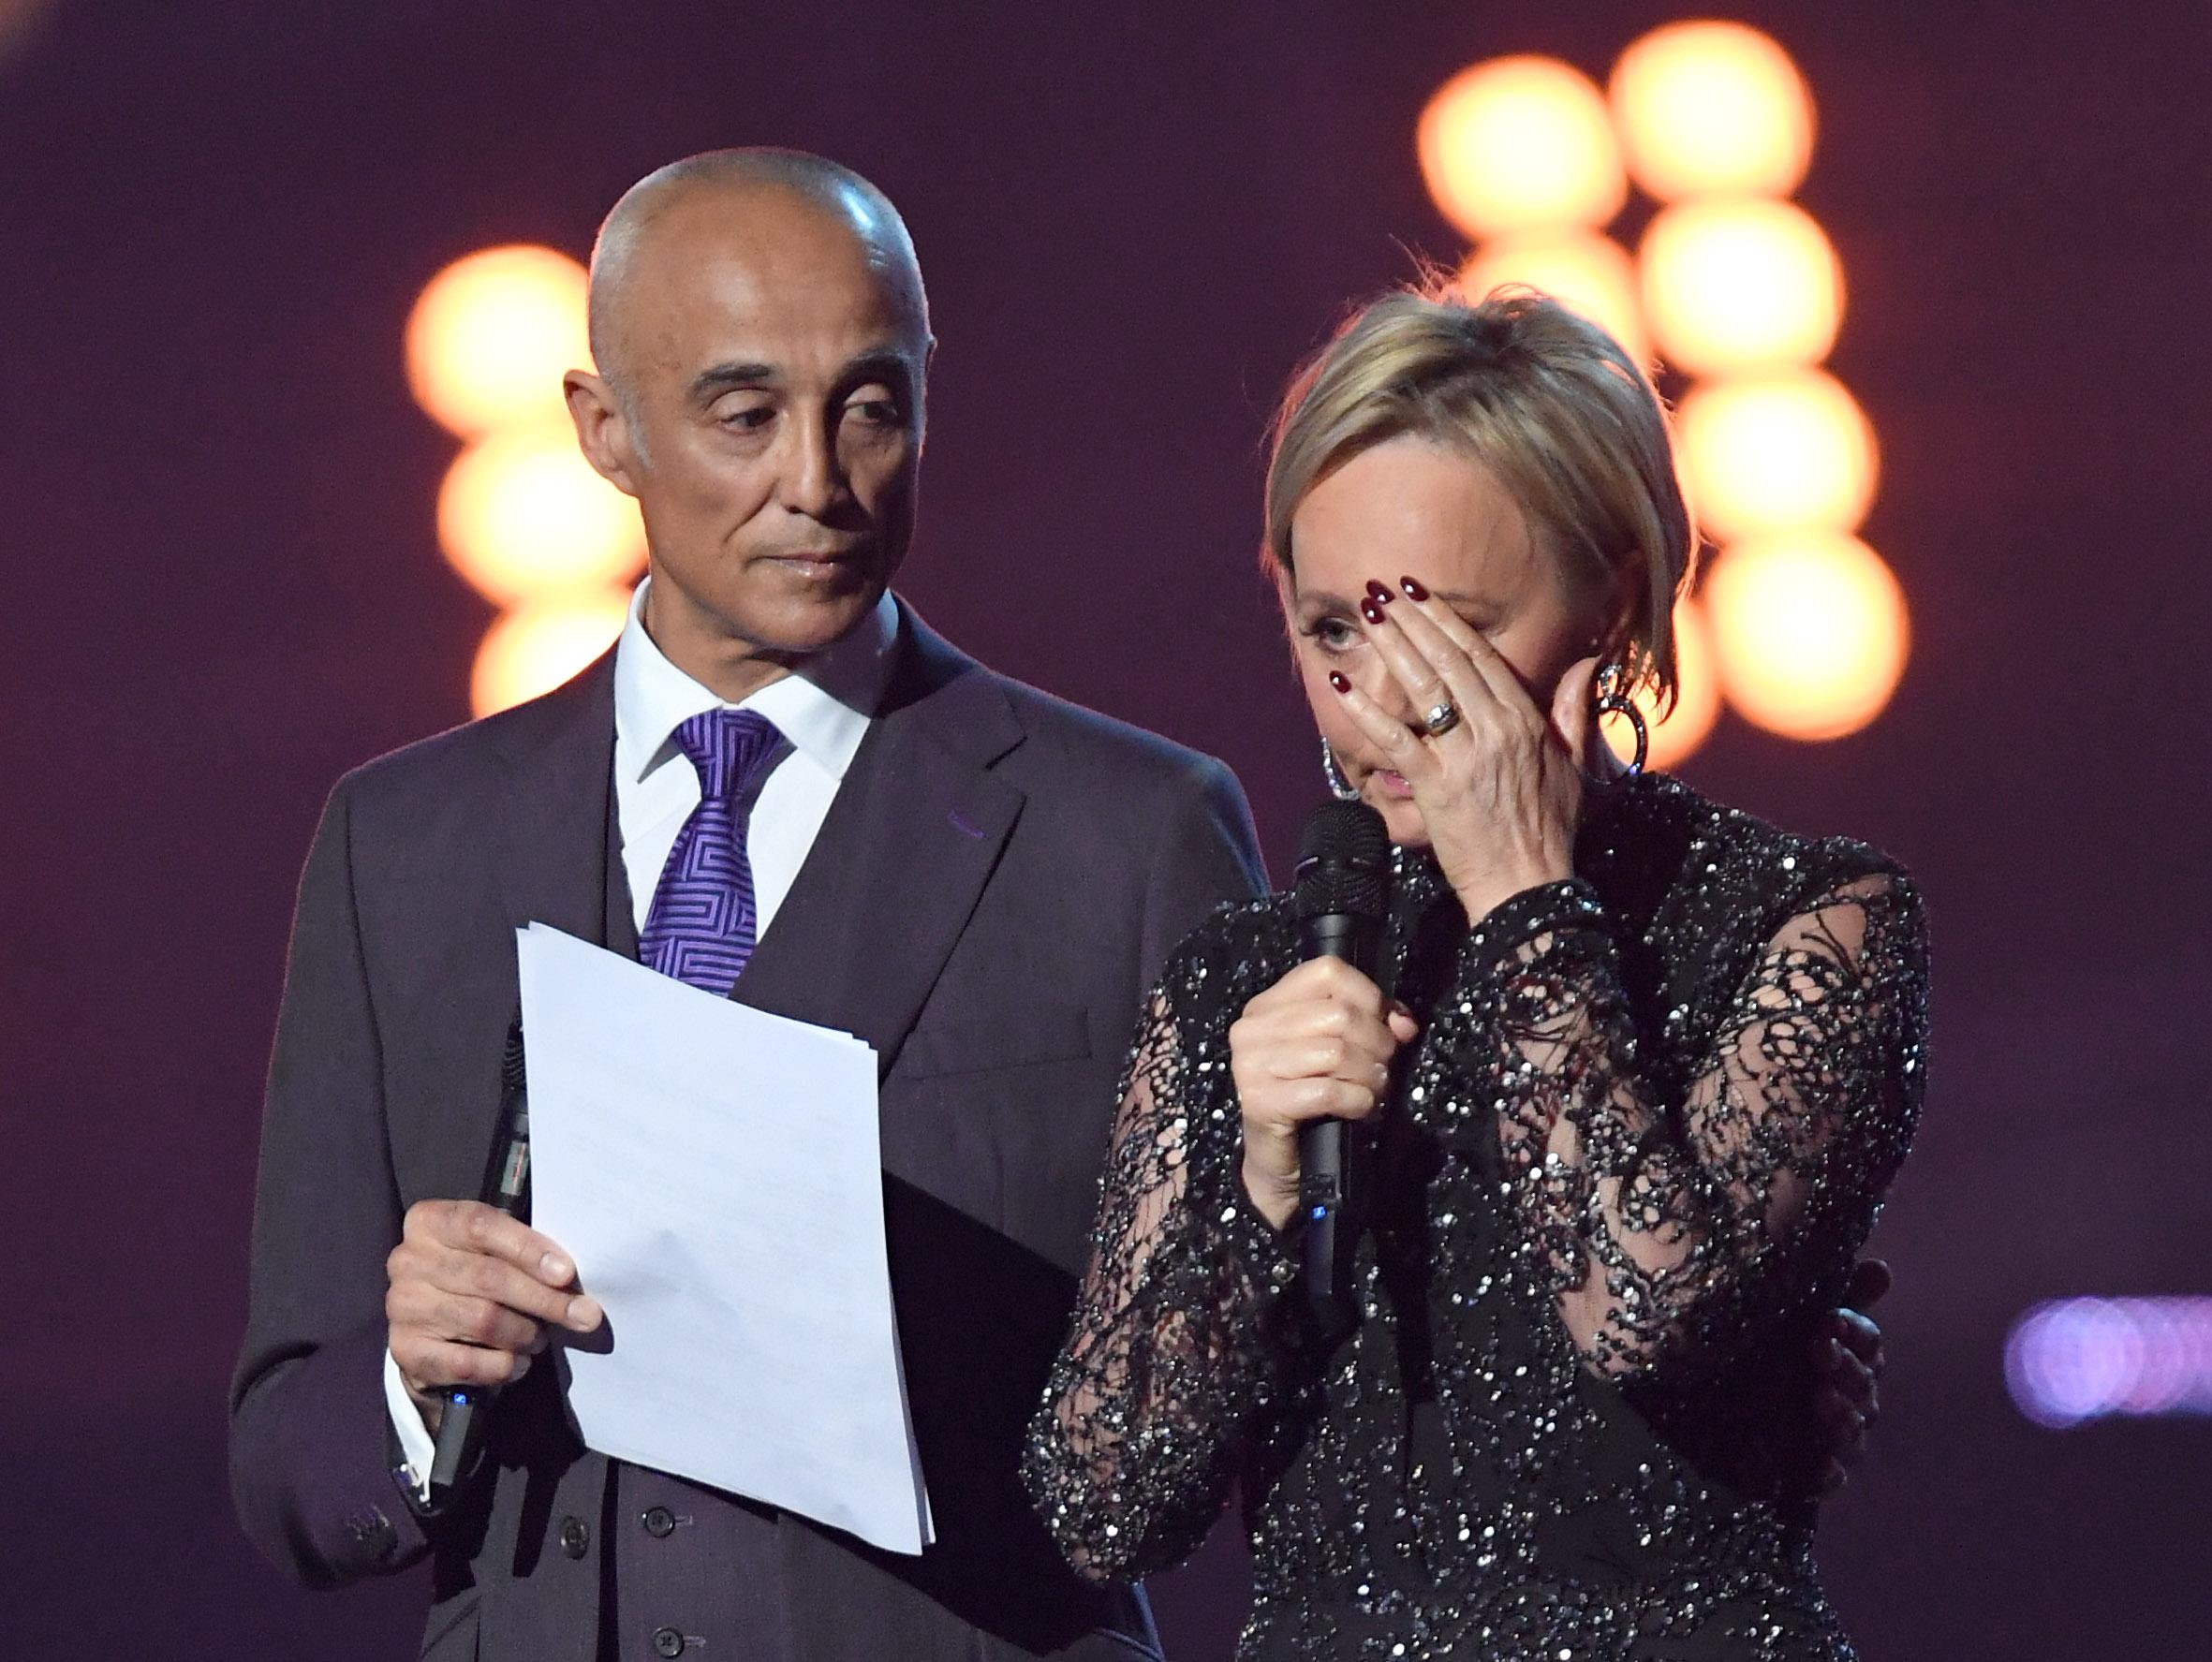 Tränenreiche Erinnerung an George Michael bei den Brit Awards 2017